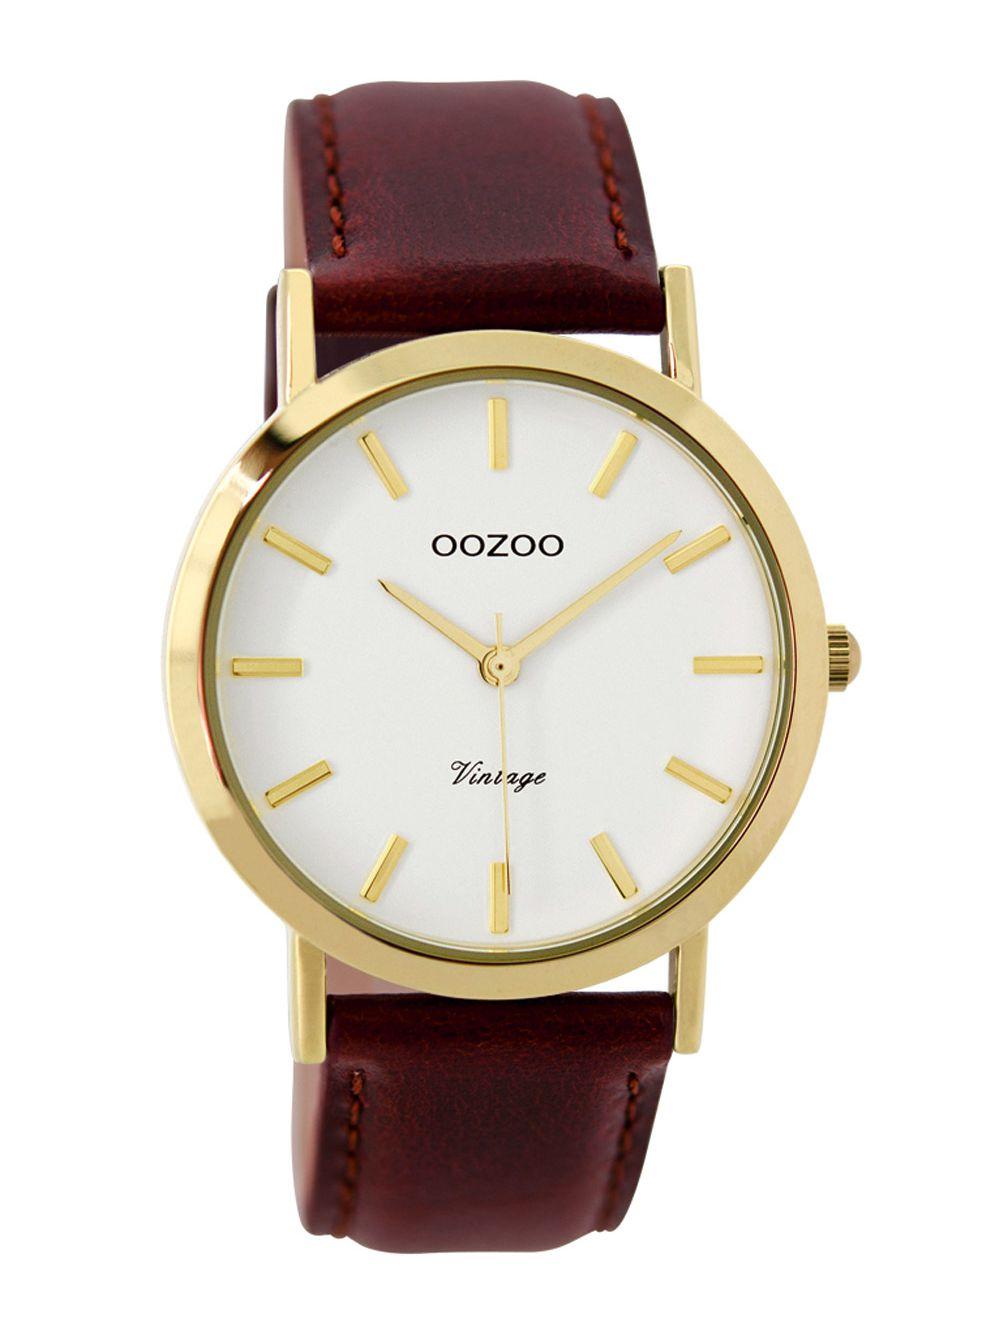 oozoo damen armbanduhr vintage gold braun 38 mm c7787. Black Bedroom Furniture Sets. Home Design Ideas